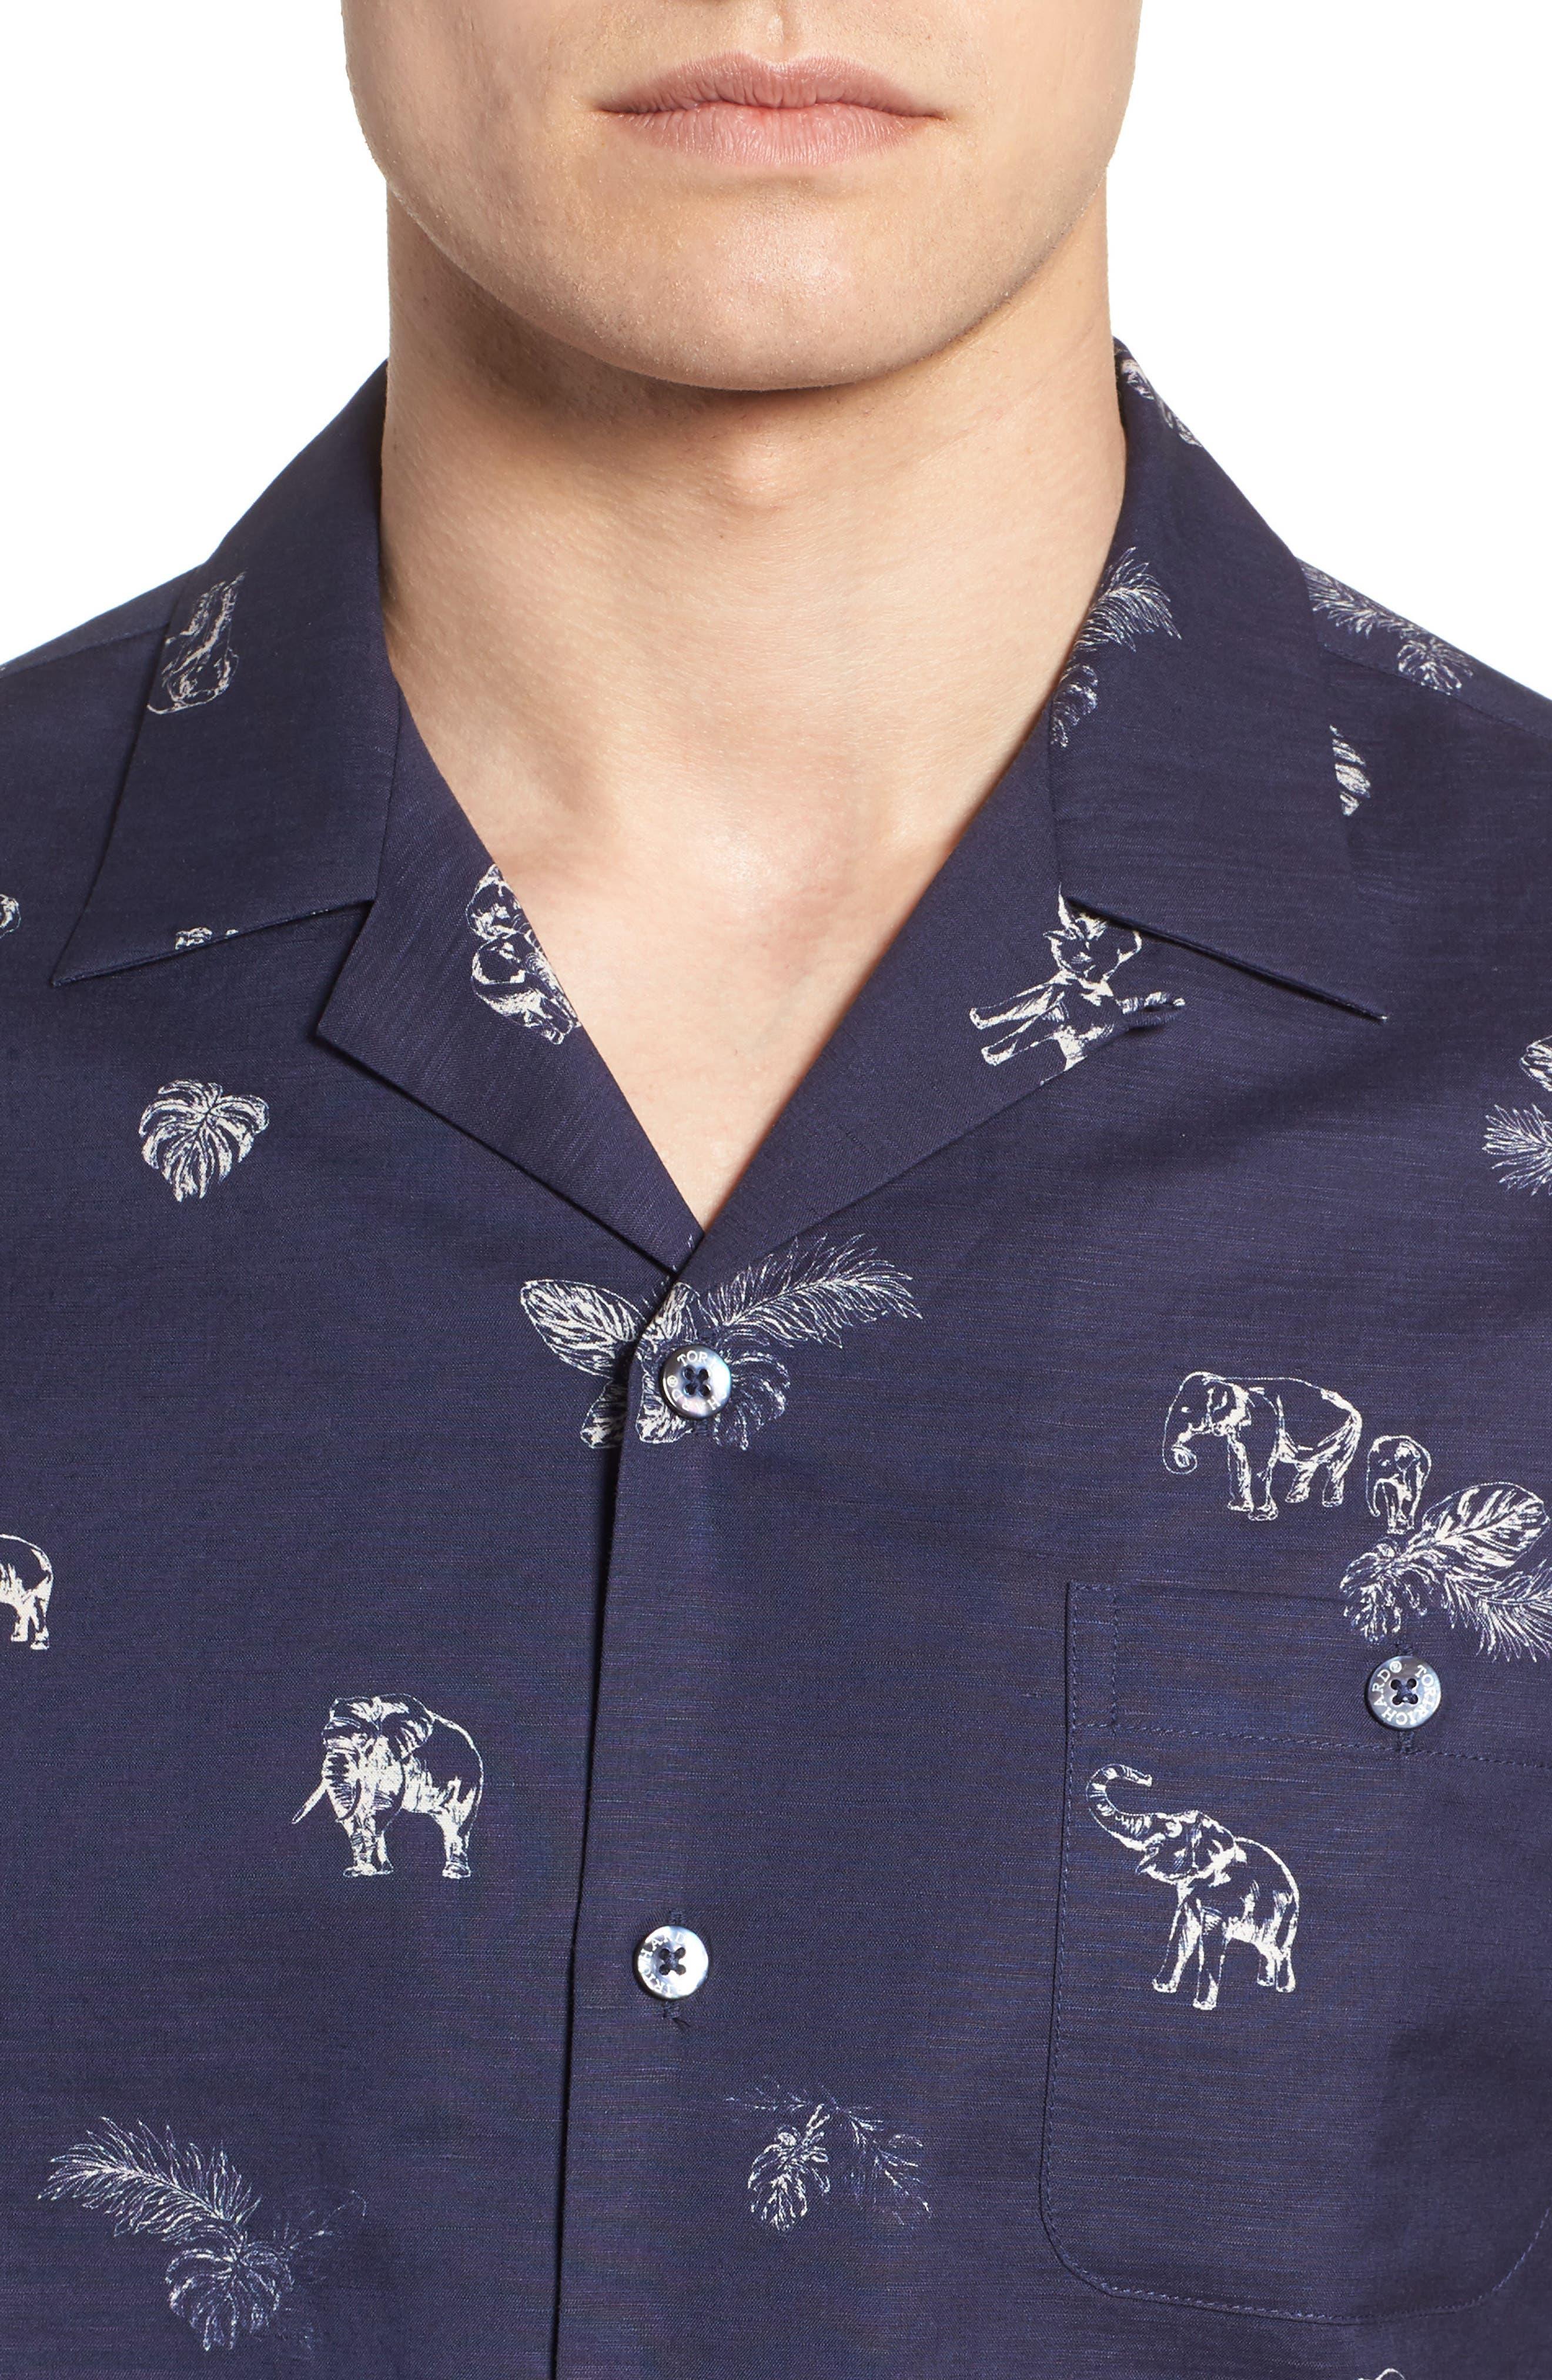 Sanctuary Trim Fit Linen & Cotton Camp Shirt,                             Alternate thumbnail 4, color,                             415